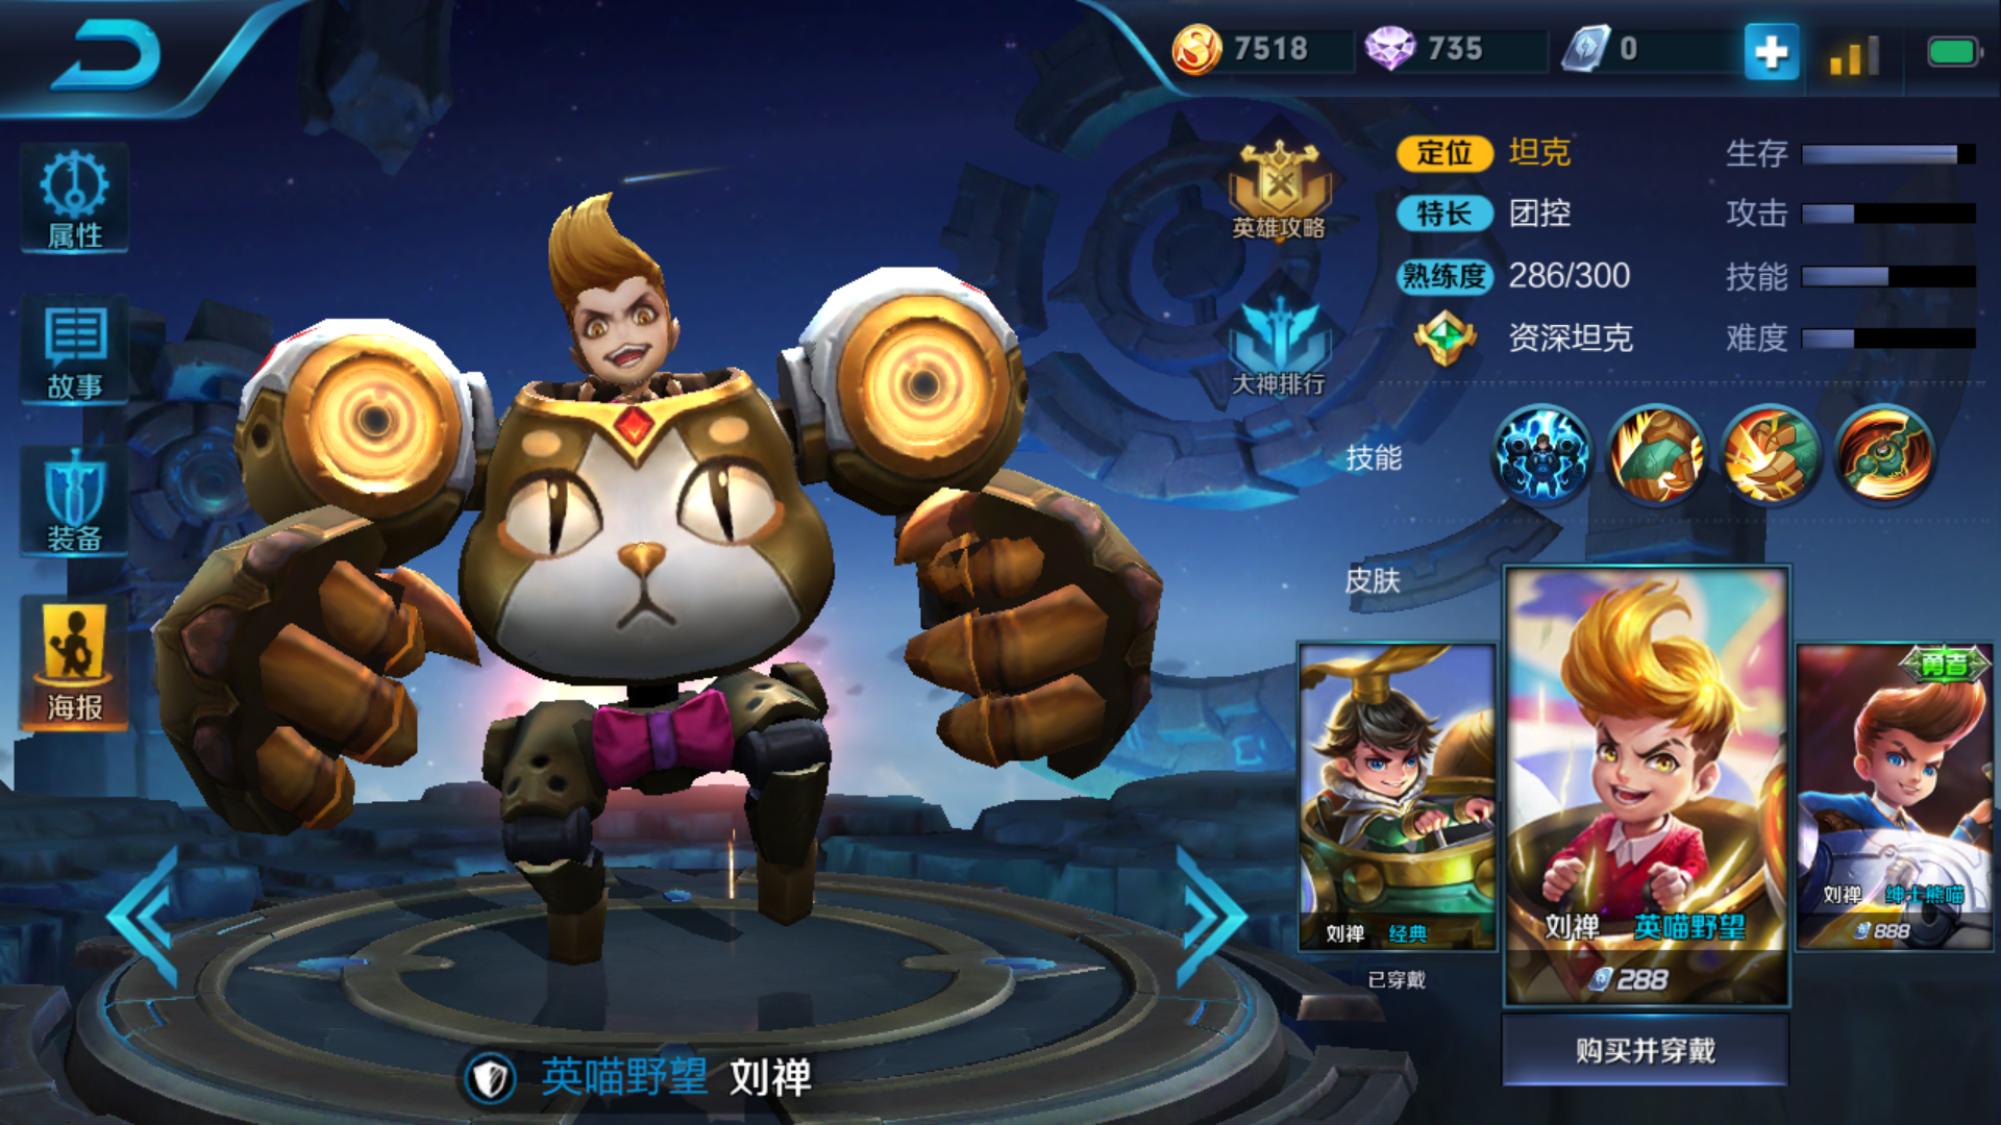 王者荣耀刘禅怎么样?刘禅怎么玩?S7赛季刘禅上分套路